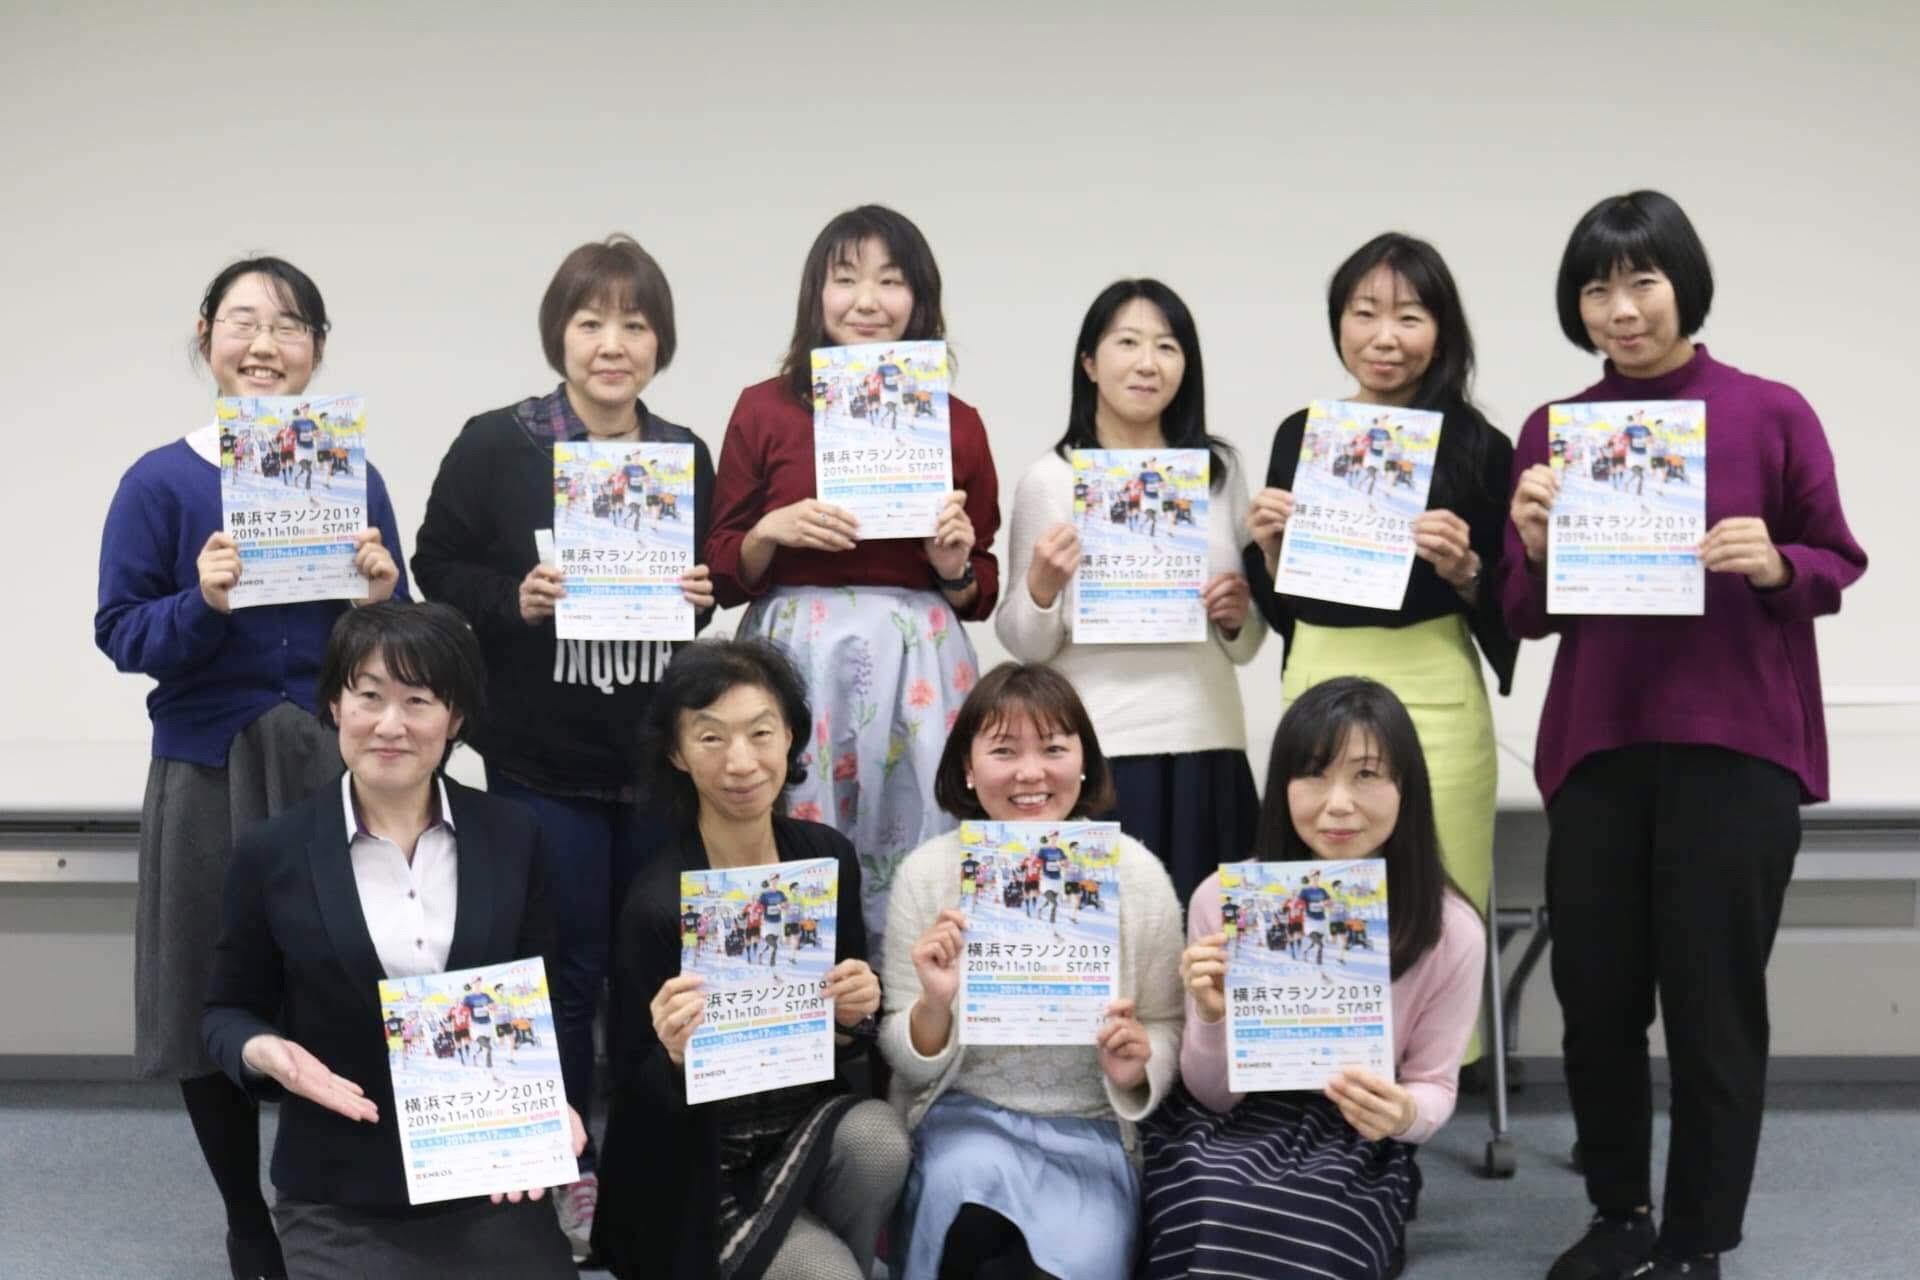 横浜マラソン2019 女性枠 座談会